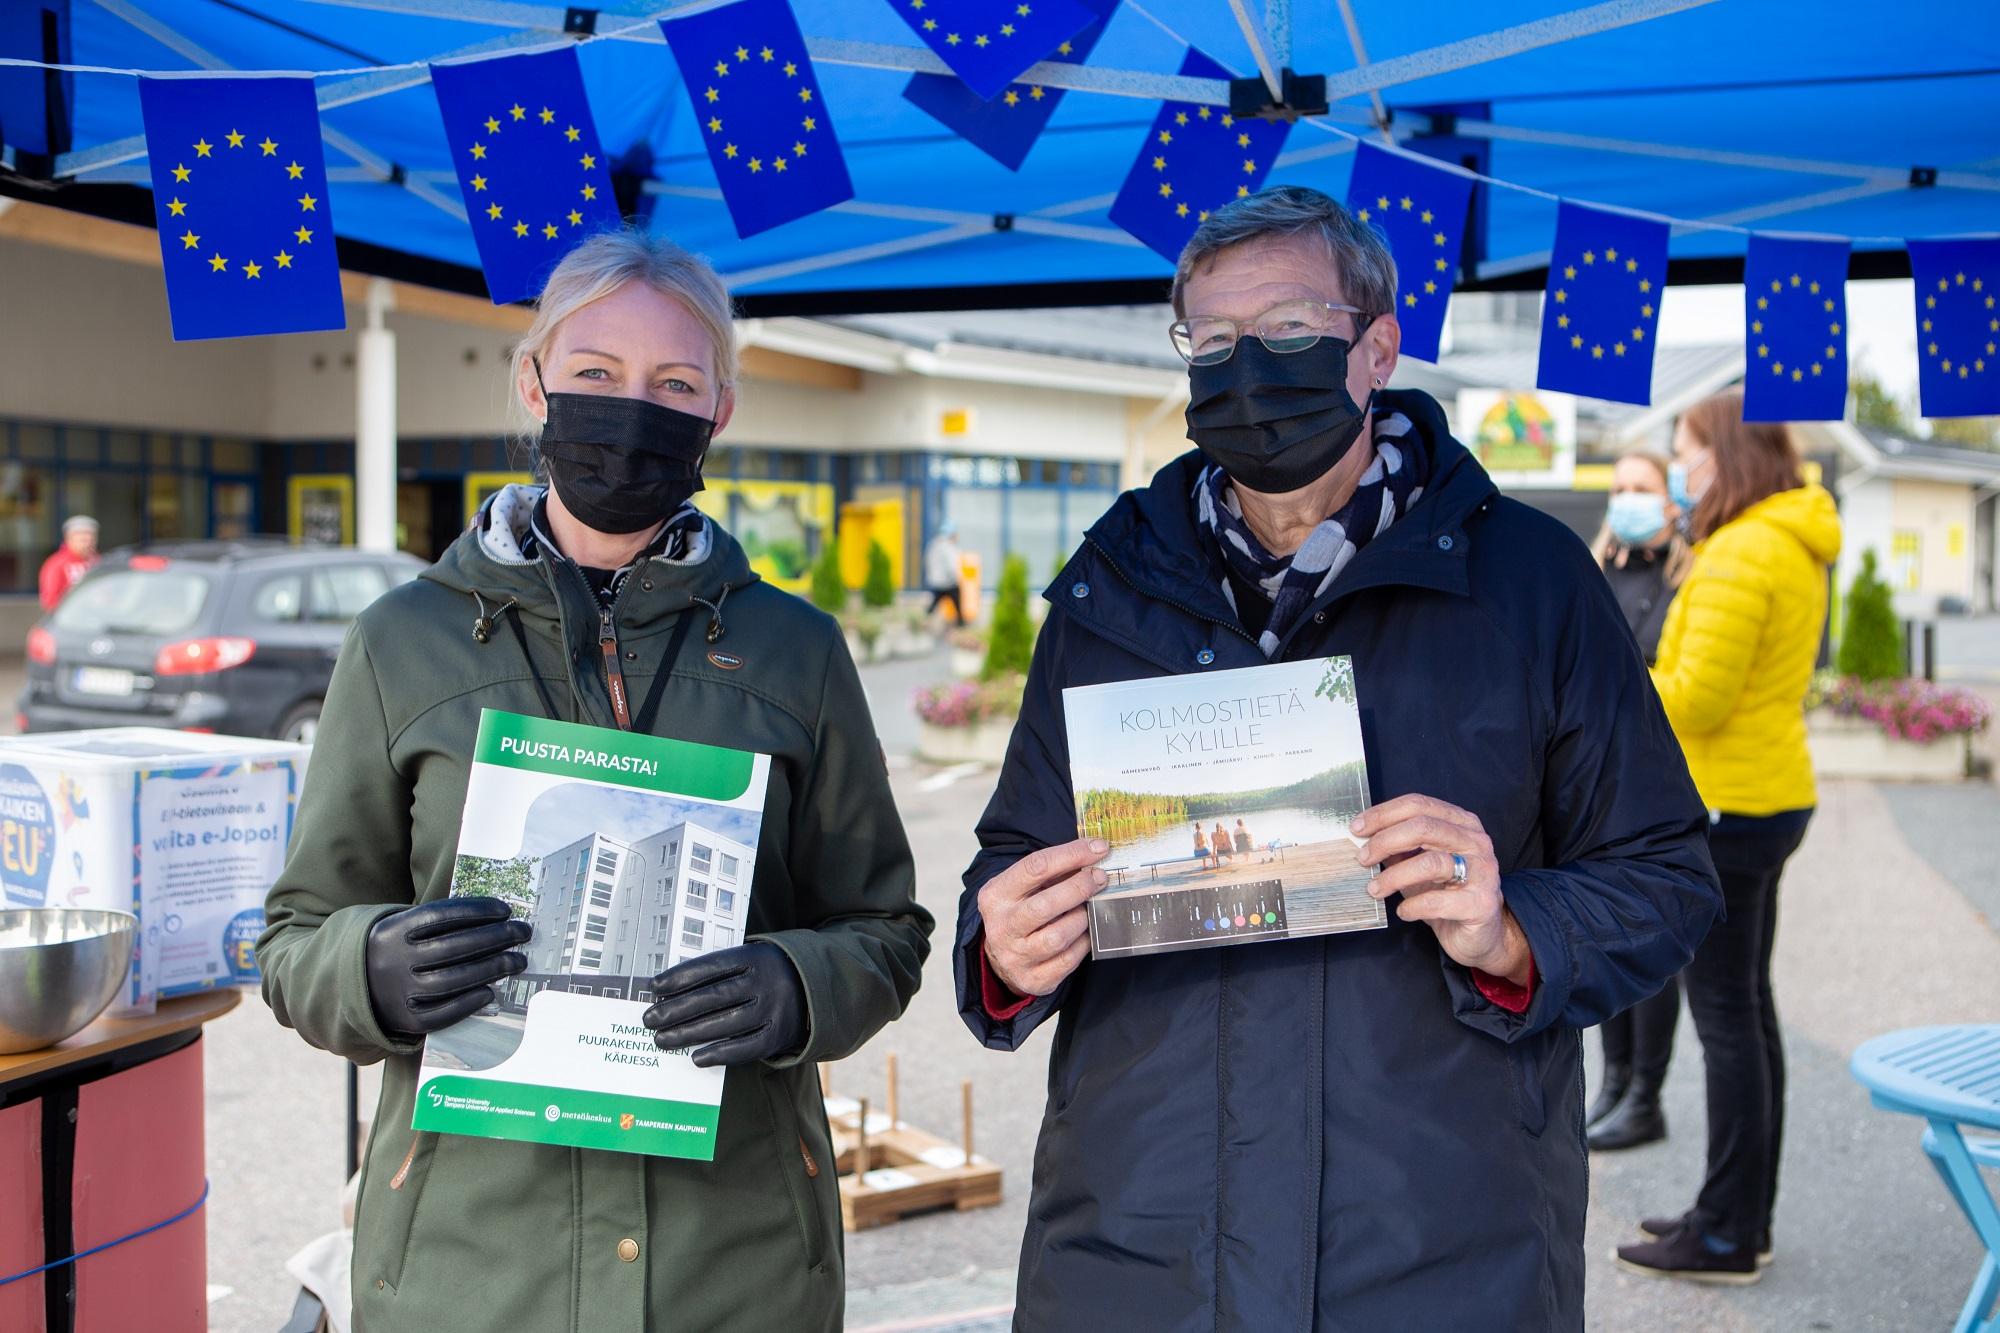 Kaksi naista pitää eisttelitä kädessään ja katsoo kameraan EU lippujen all,a kuvituskuva